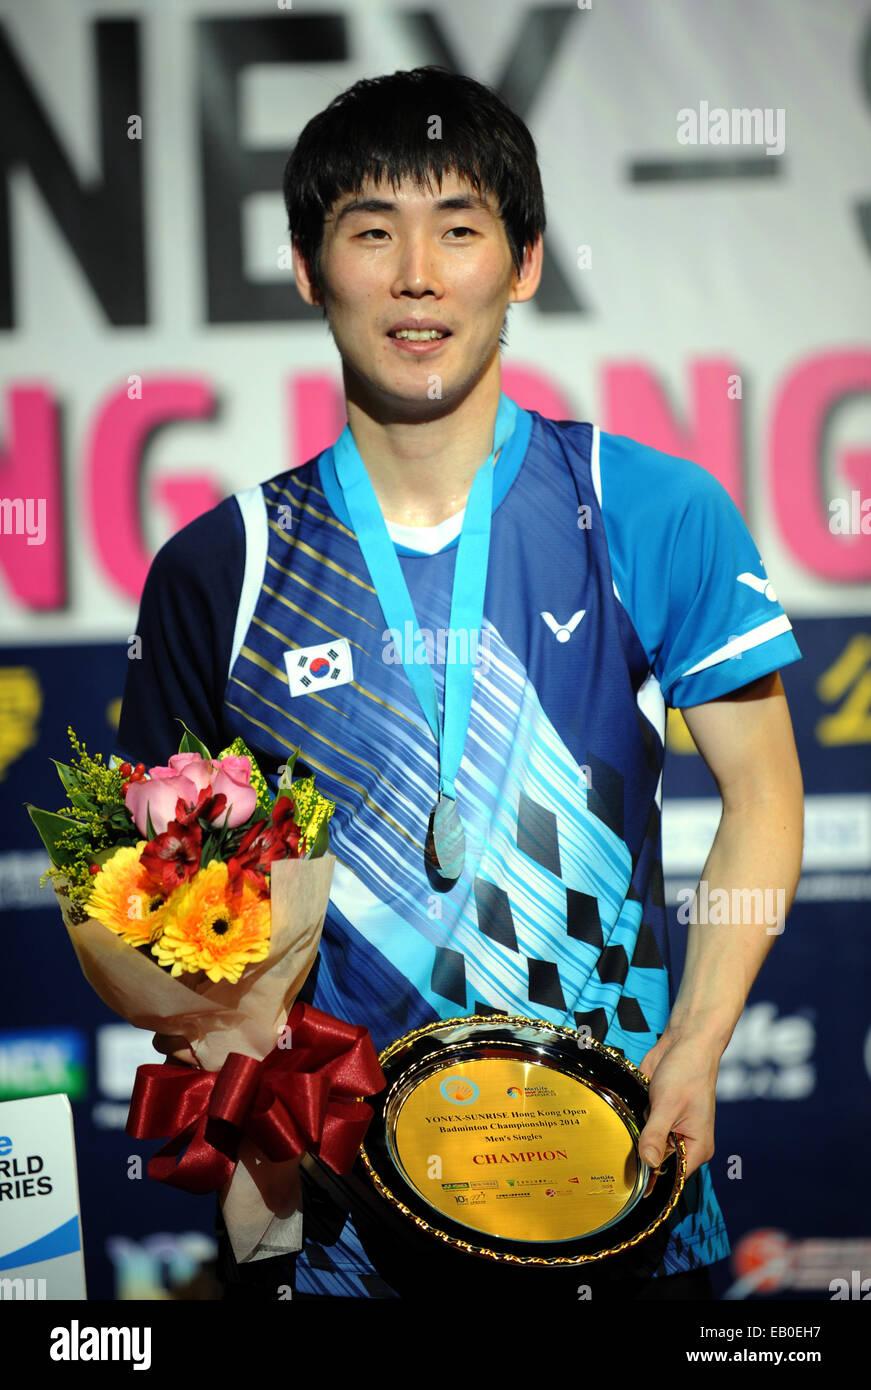 Hong Kong China 23rd Nov 2014 Son Wan Ho of South Korea poses